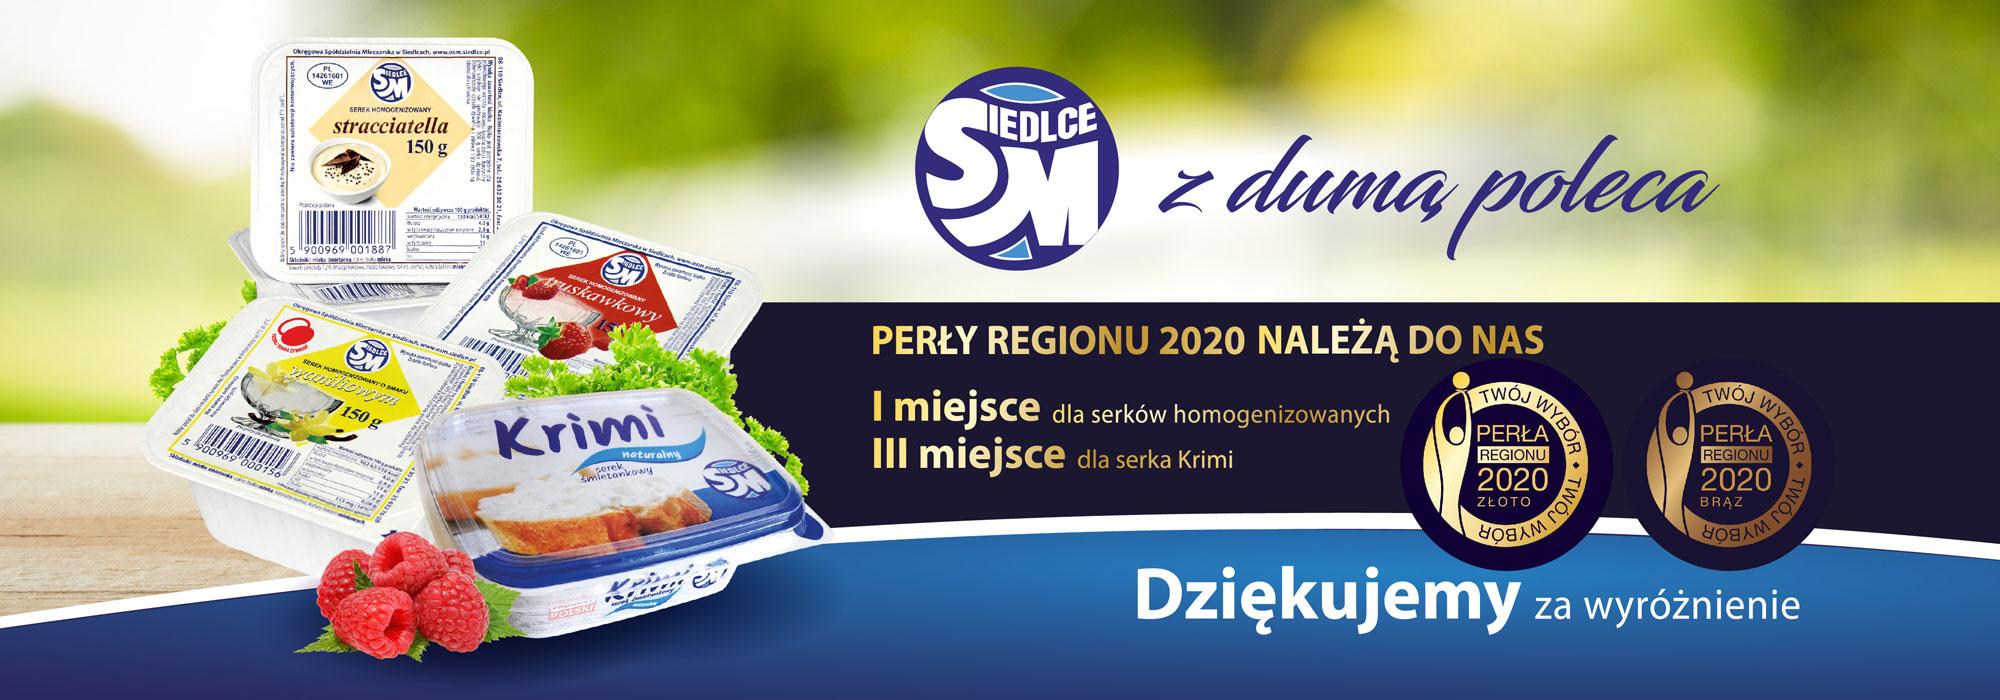 baner-perlaregionu-2020